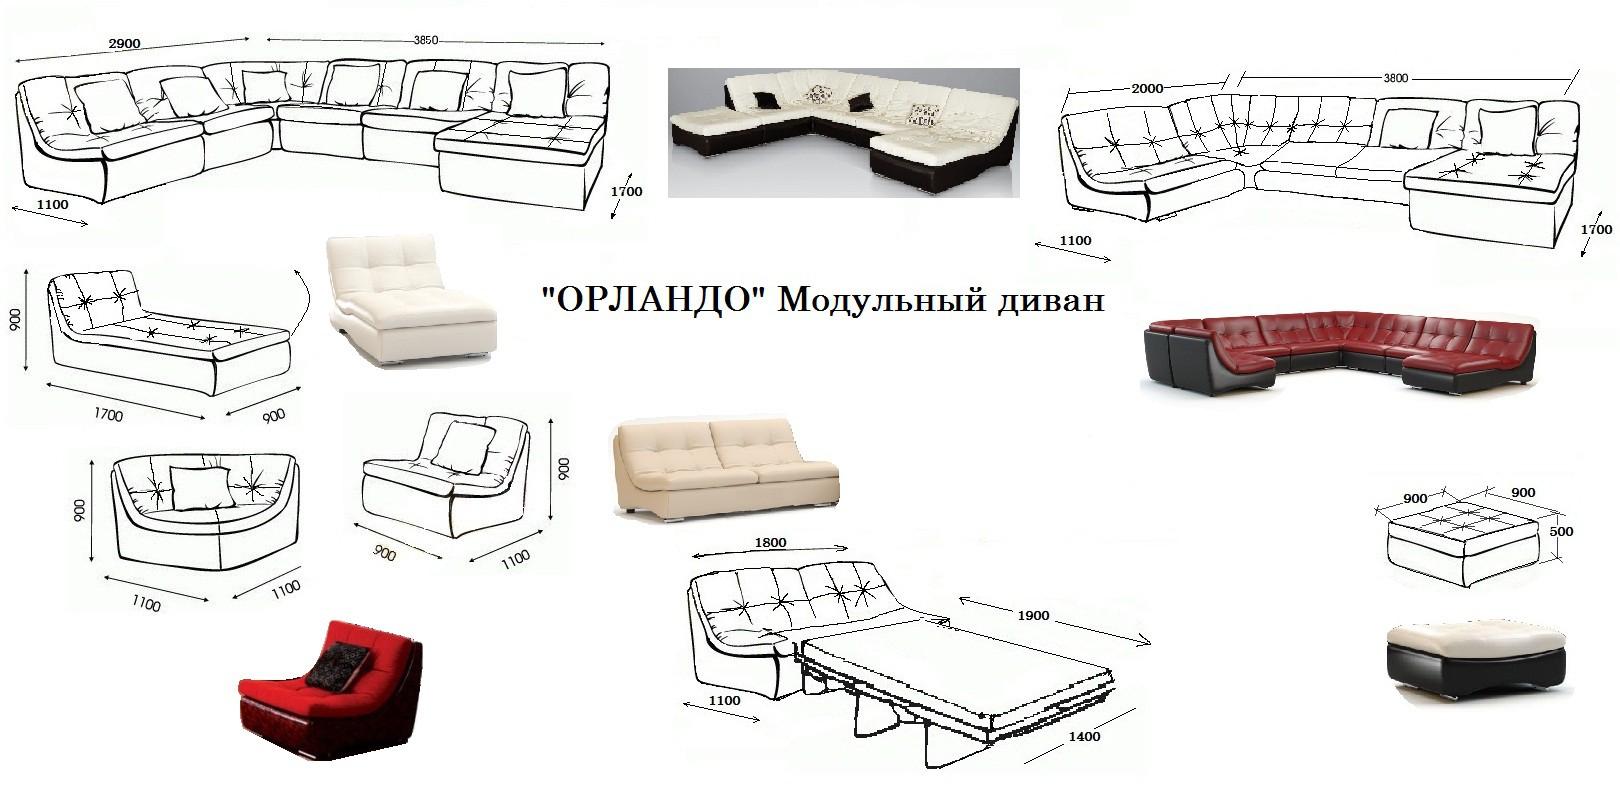 Механизмы Трансформации Диванов Купить В Москве